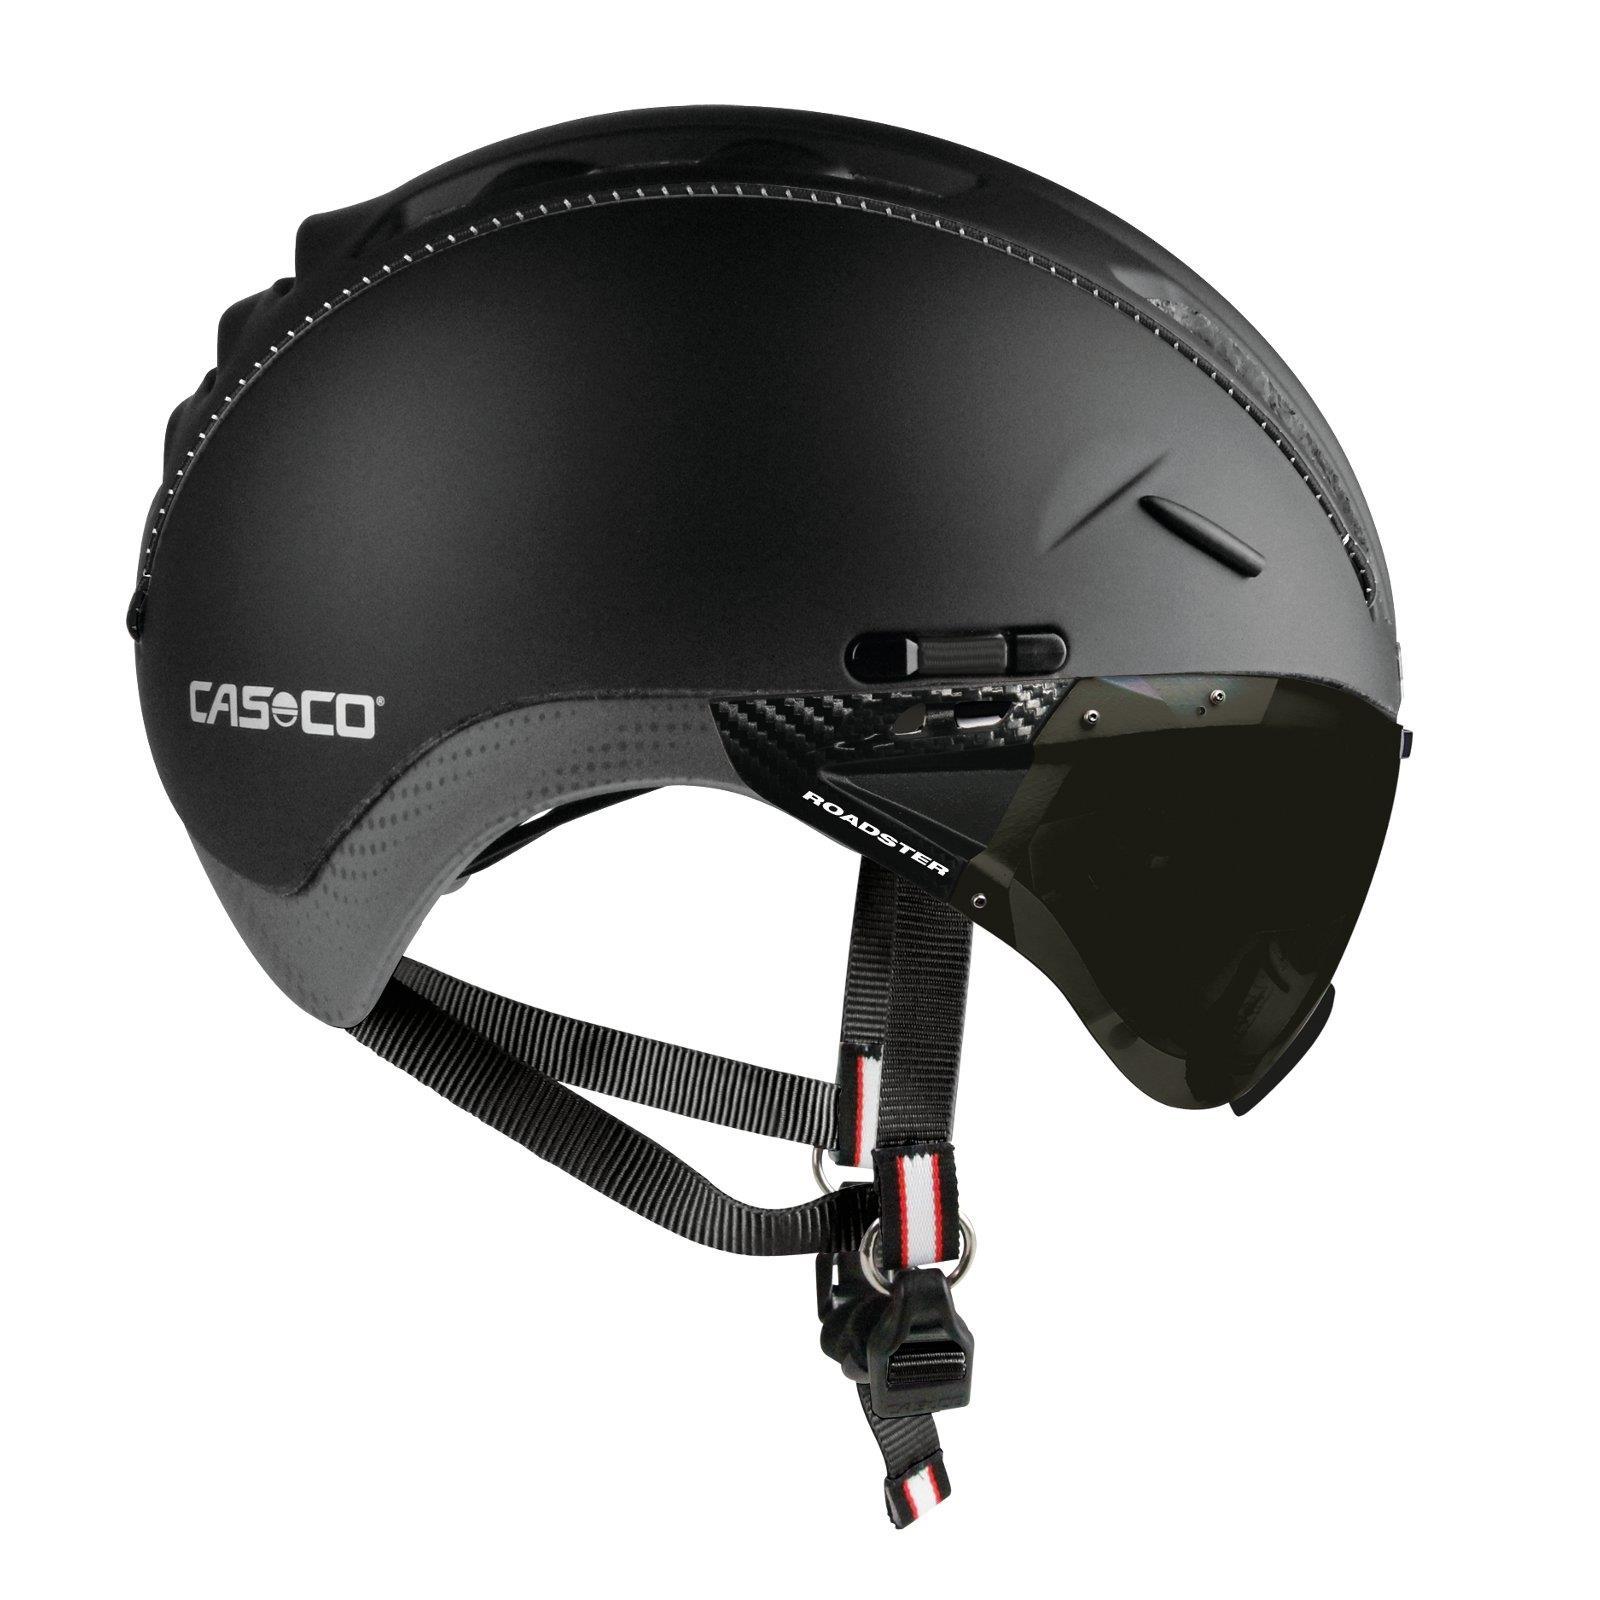 casco roadster tc fahrrad helm inkl visier rad sport. Black Bedroom Furniture Sets. Home Design Ideas